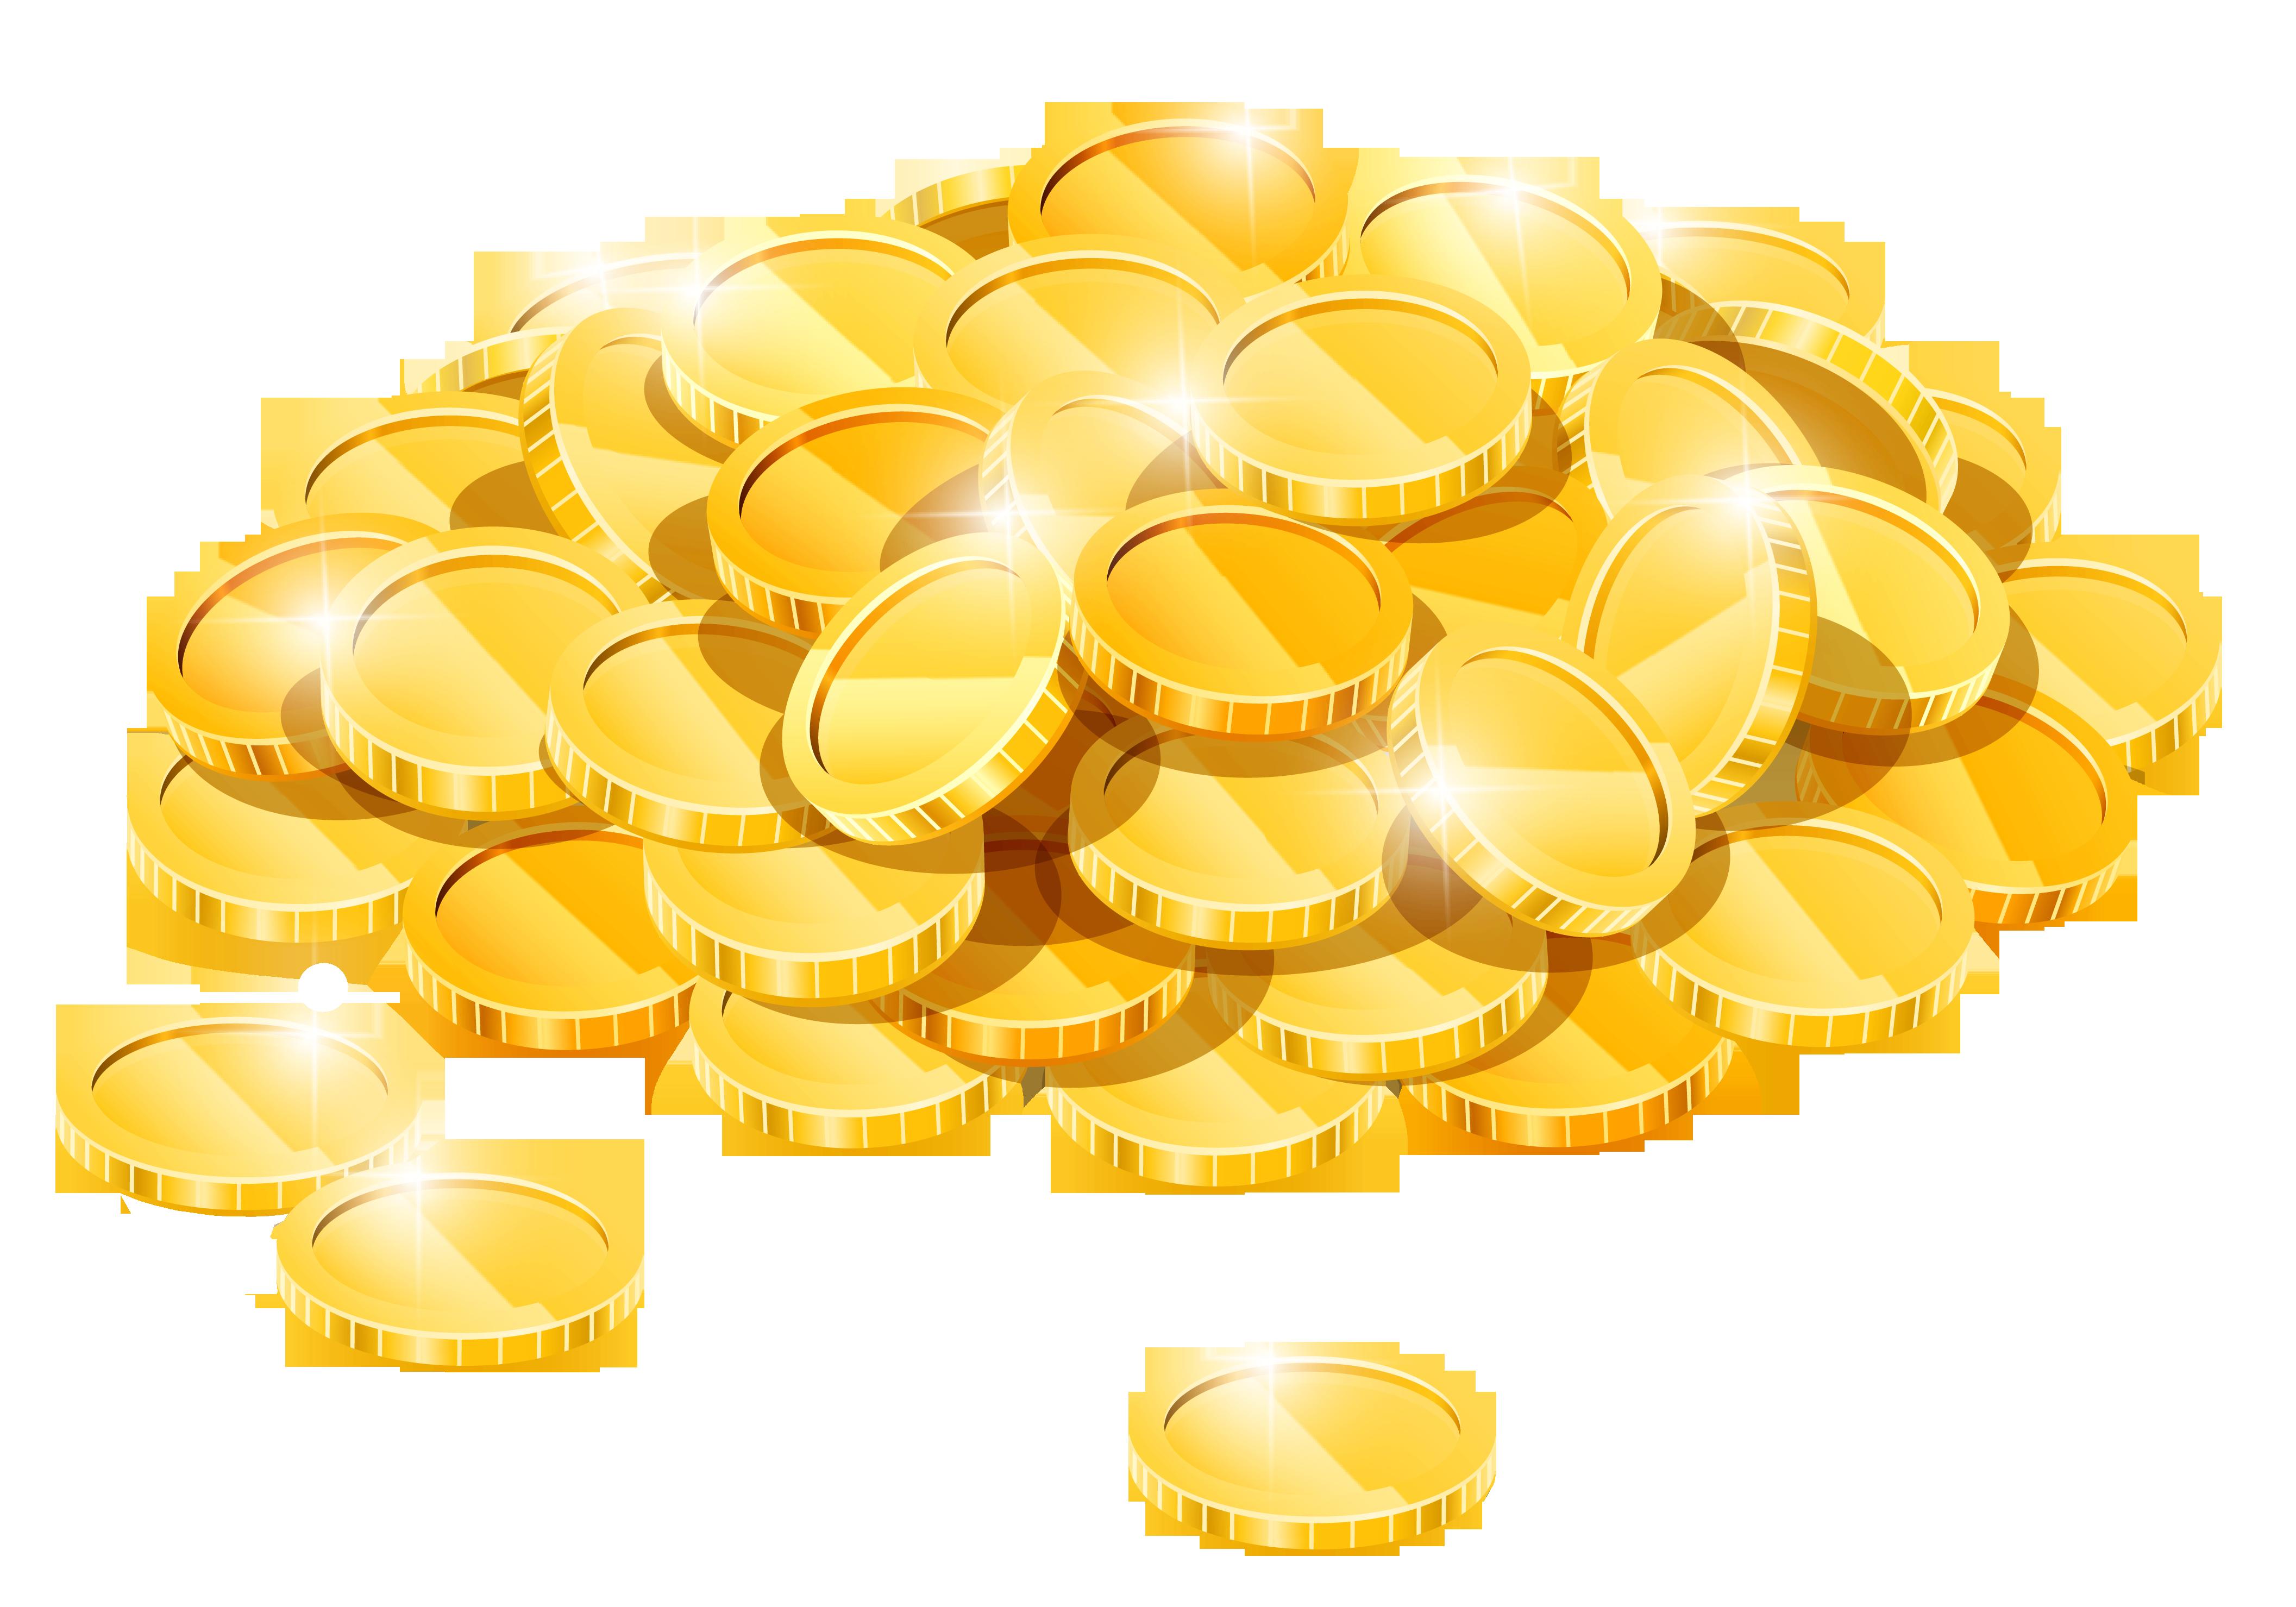 Airdrop free hot steemit. Coins clipart token